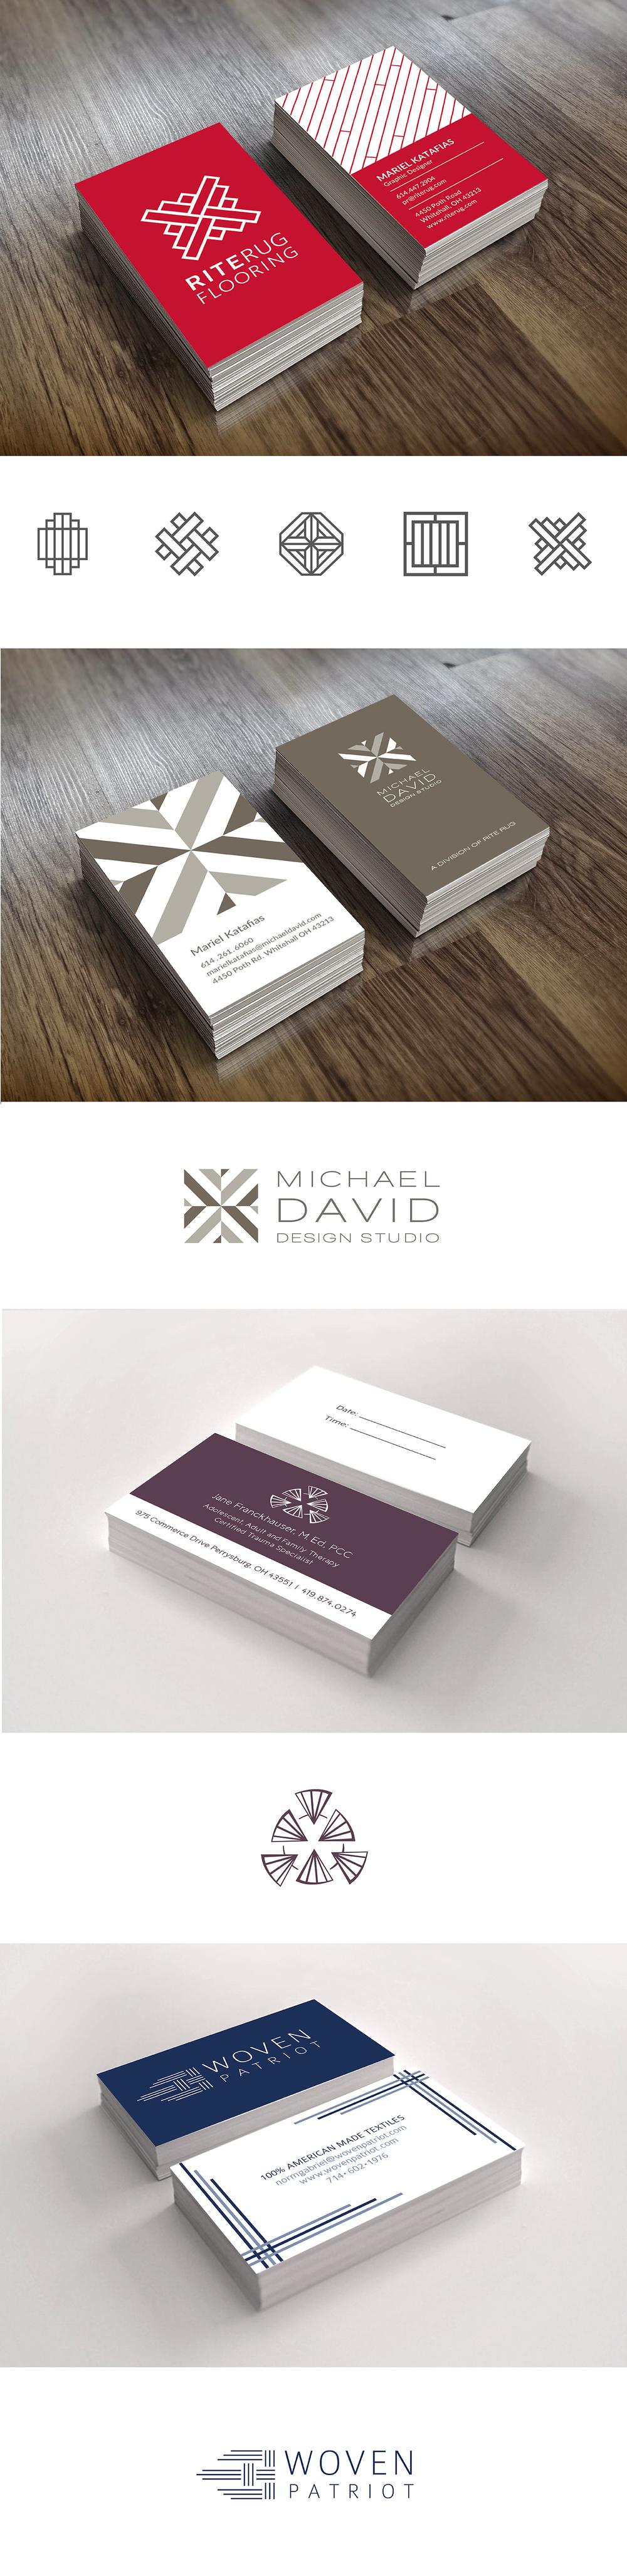 Logos & Branding Layout Web.jpg